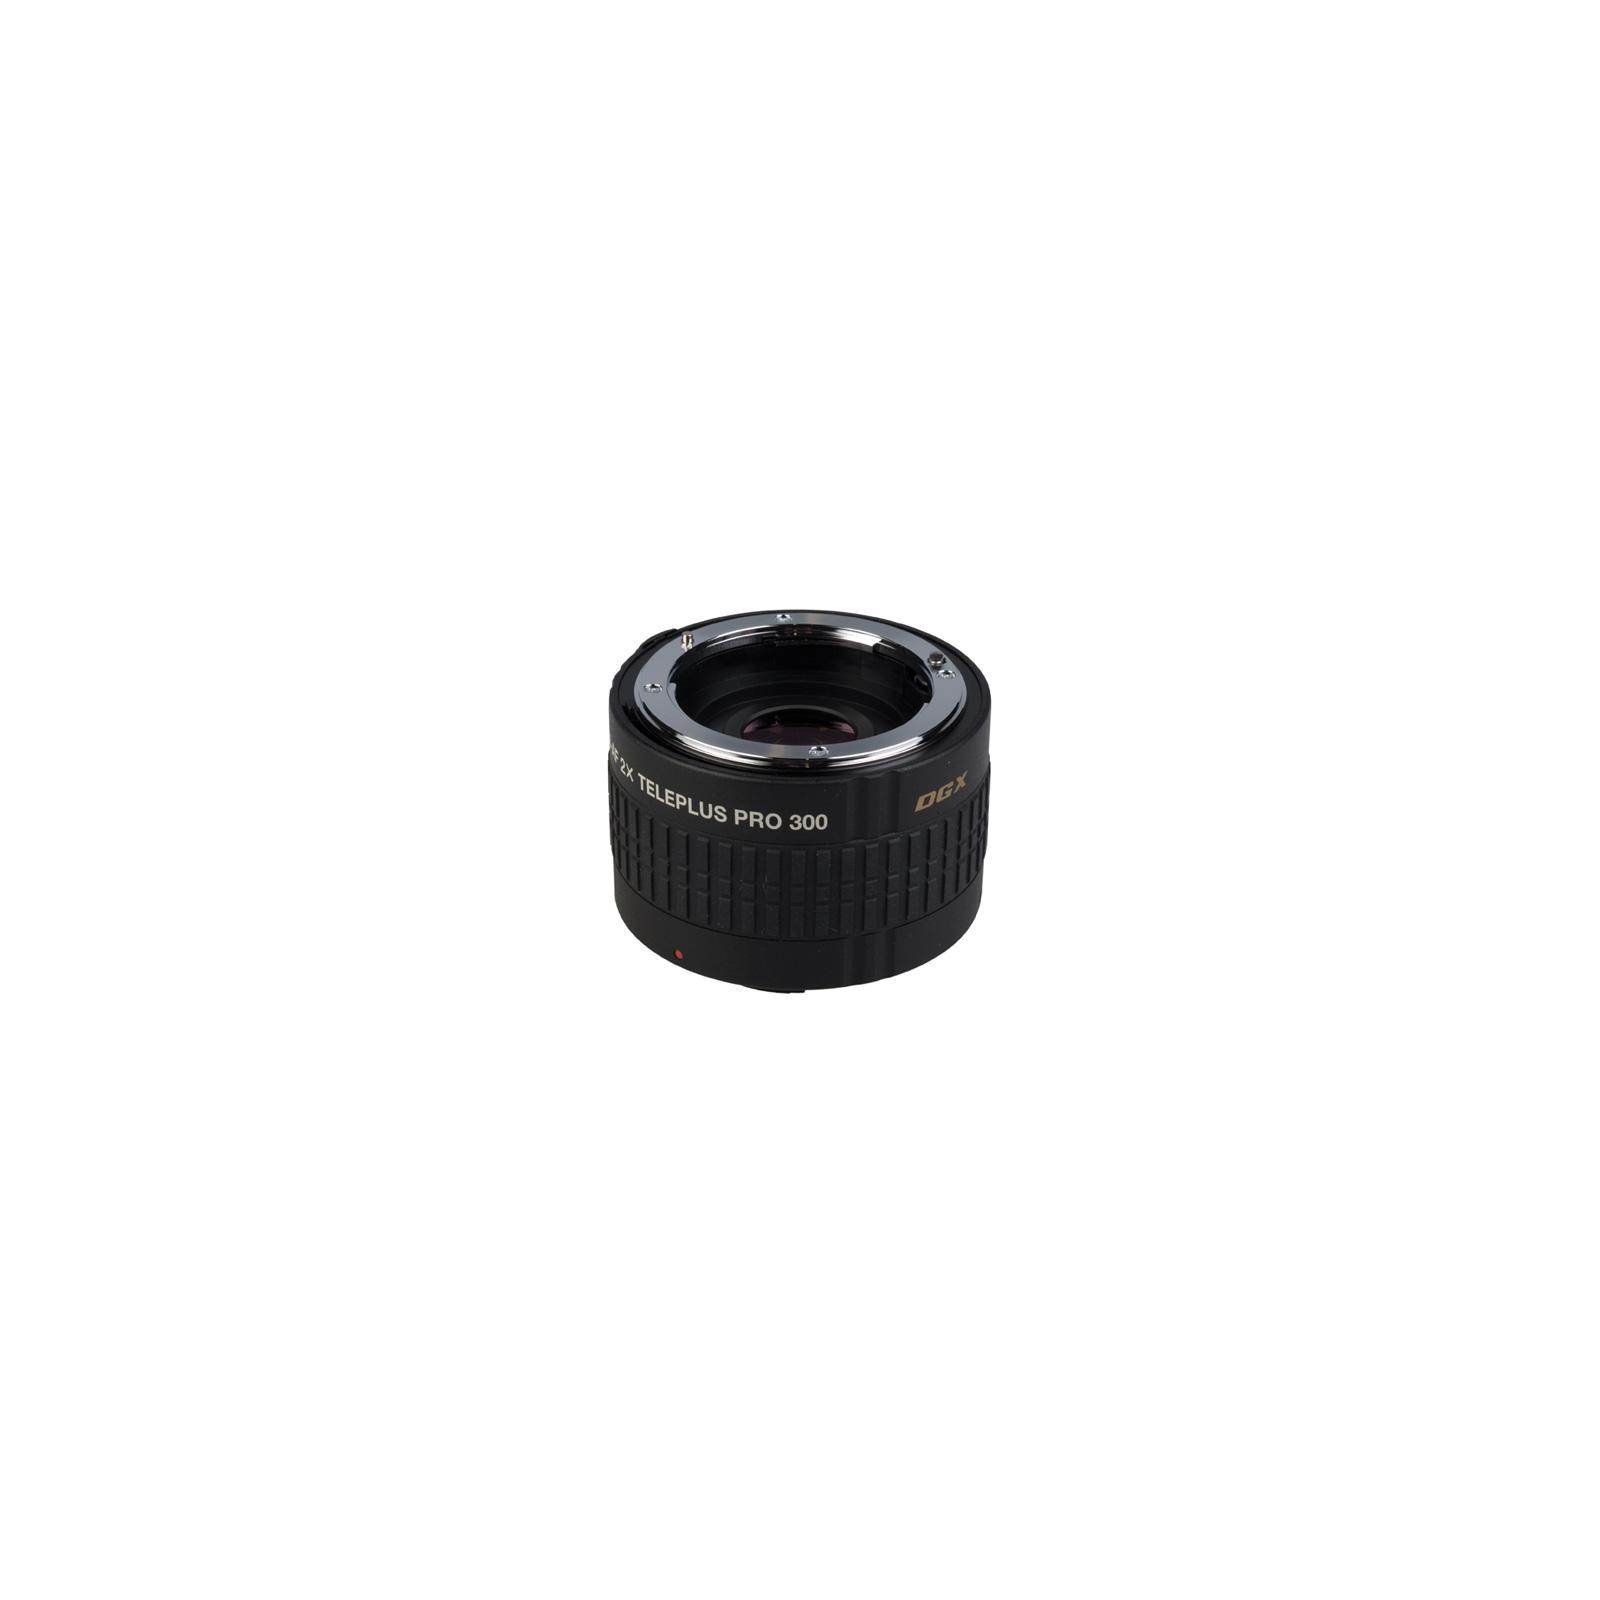 Фото-адаптер Kenko DGX PRO300 2.0X for Canon AF (62262)